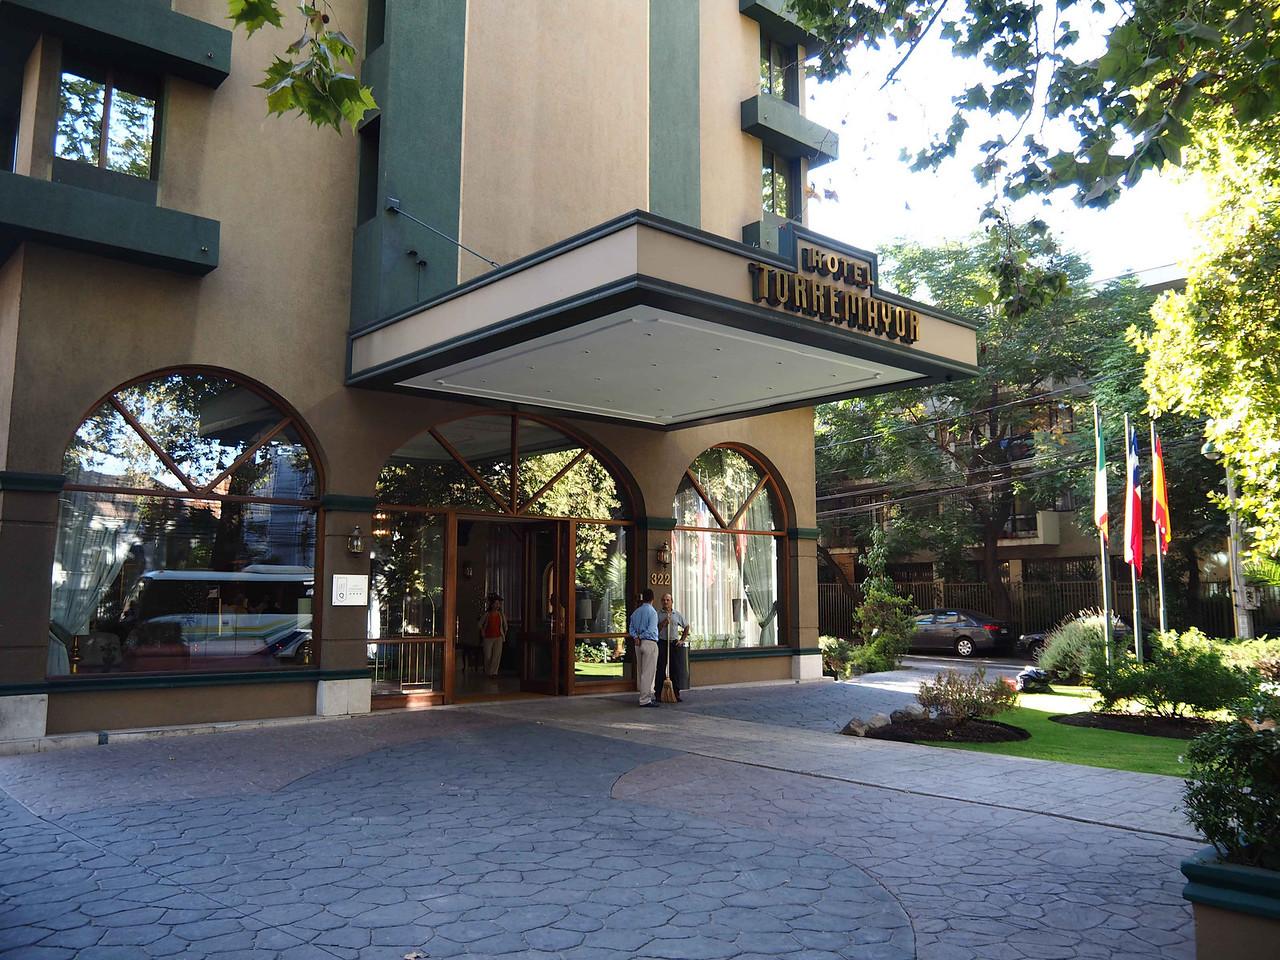 Hotel Torremayor,  Our hotel in Santiago